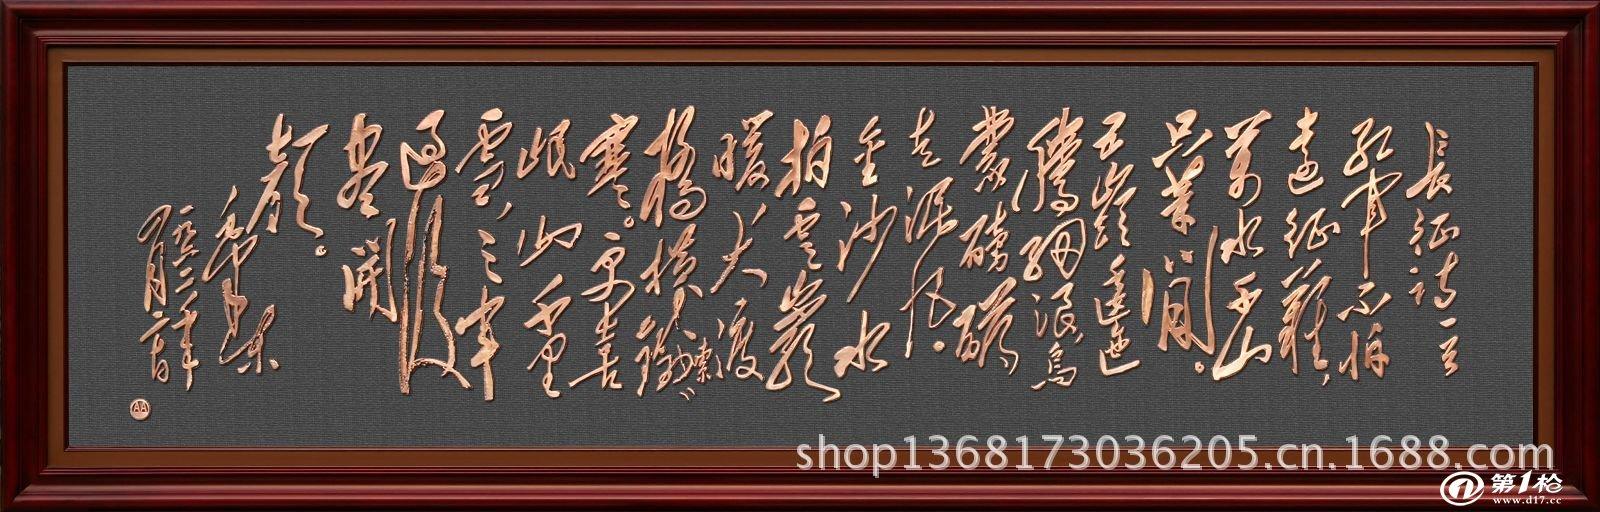 石家庄双恩紫铜浮雕工艺品5000*1600八骏图长征诗锦绣